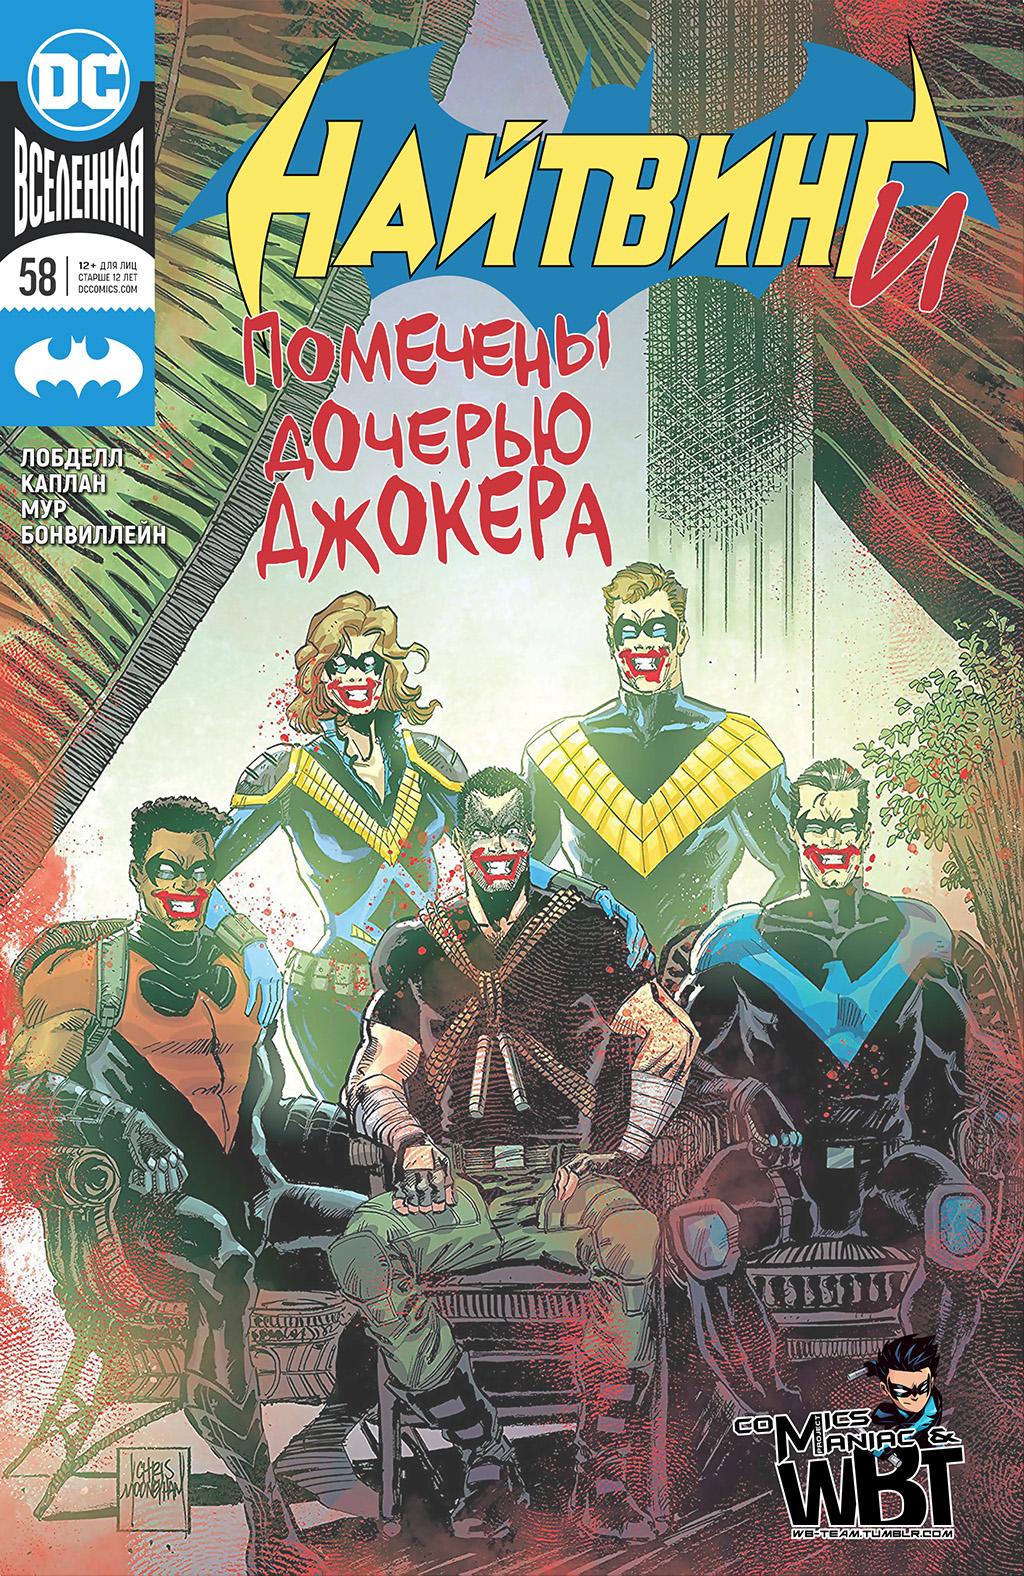 Комикс Найтвинг том 4